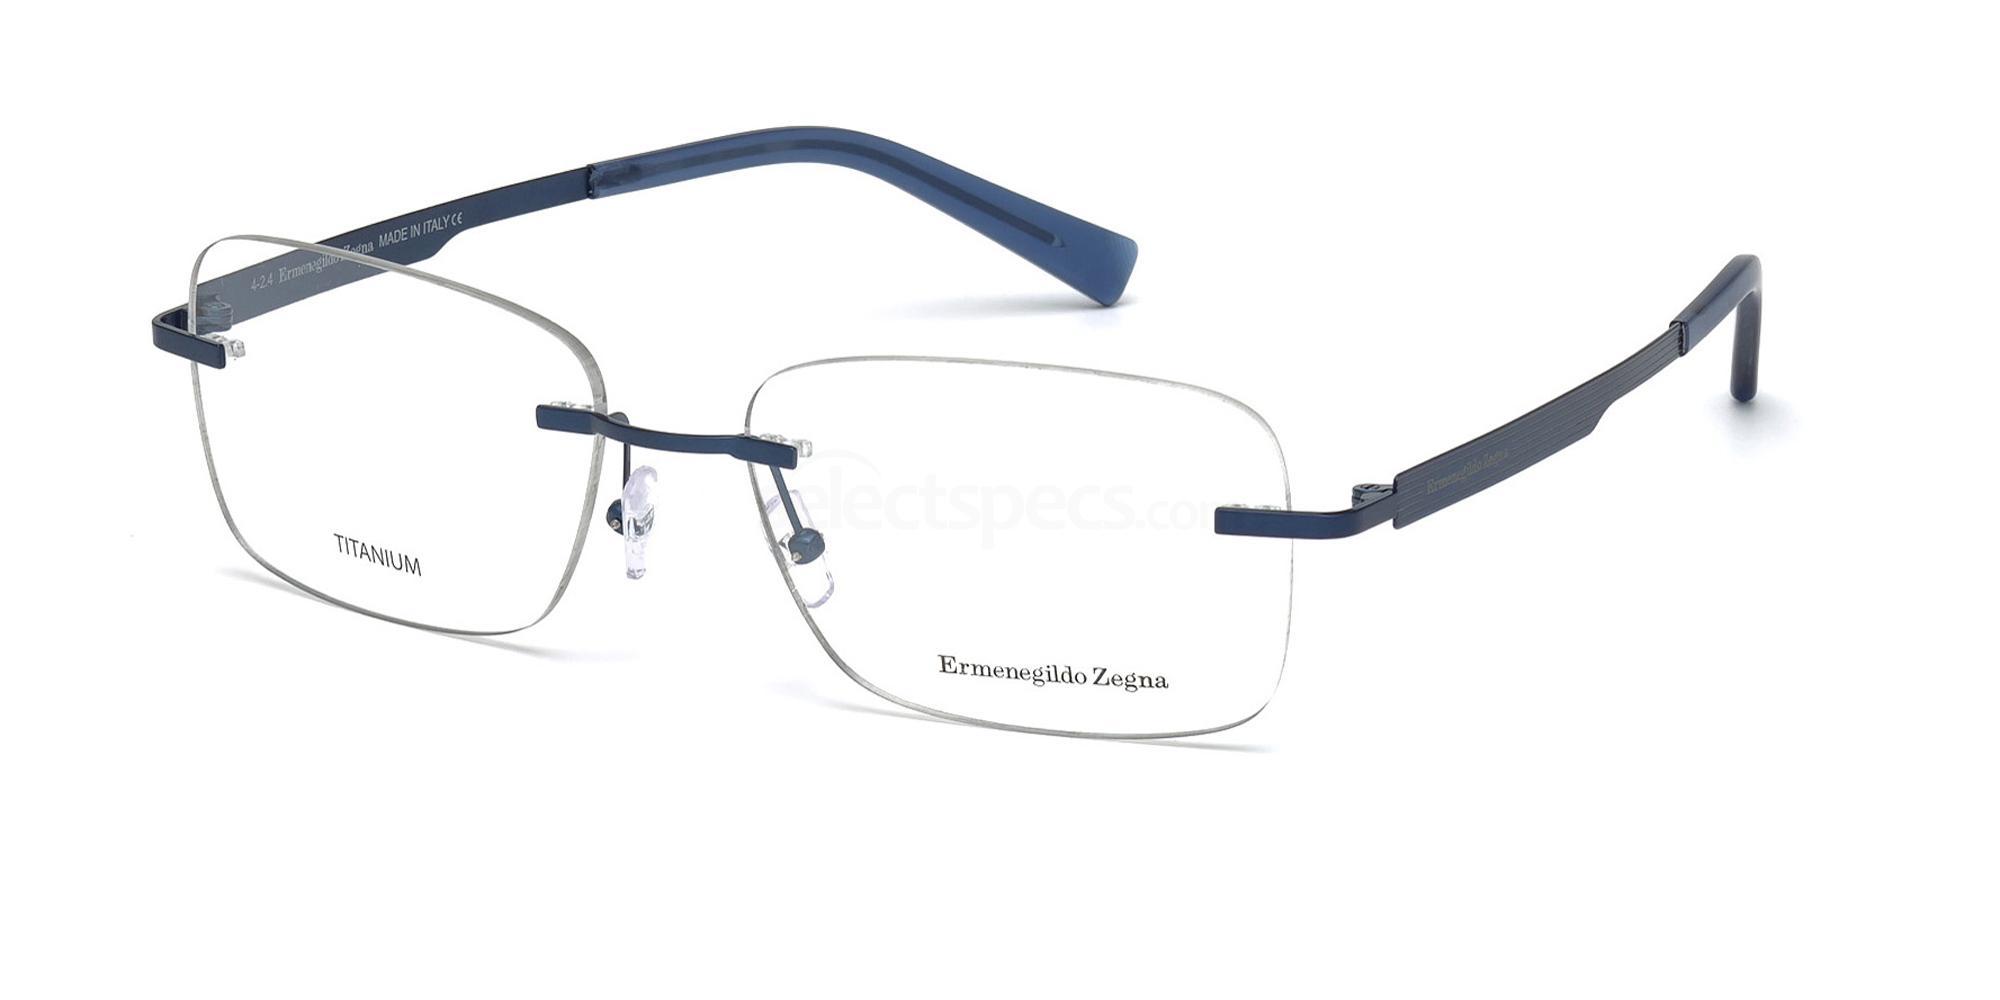 013 EZ5026 Glasses, Ermenegildo Zegna